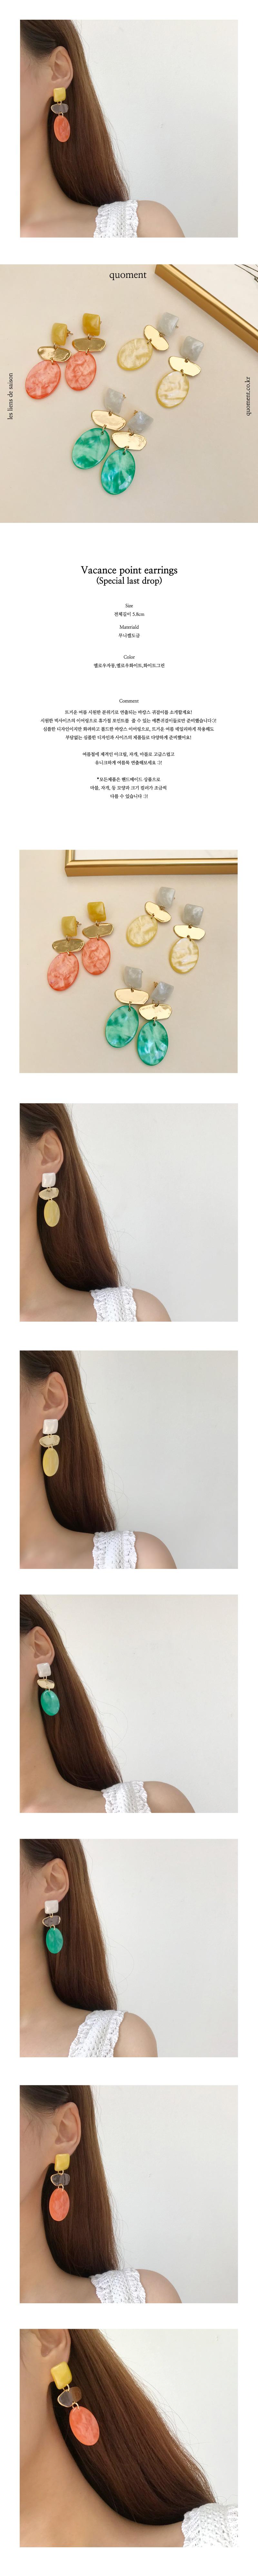 여름 포인트 바캉스 마블스퀘어 드롭귀걸이 - 쿼먼트, 14,900원, 실버, 드롭귀걸이